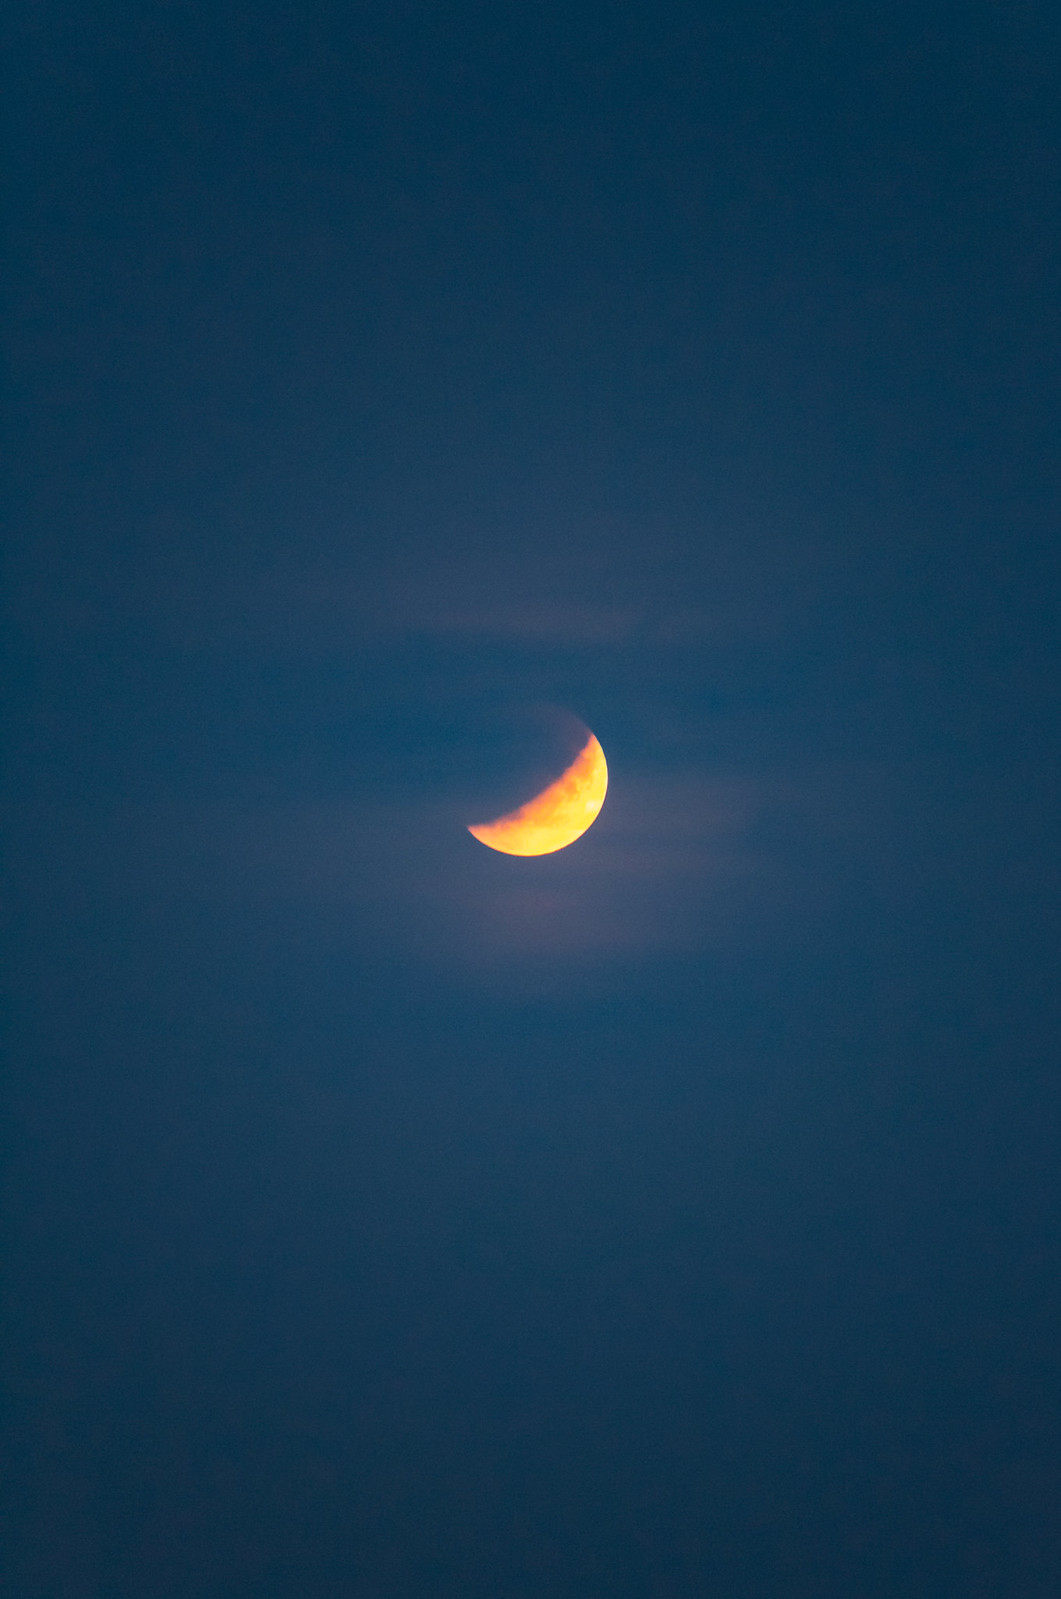 Partial lunar eclipse 16 July 2019 2117UT